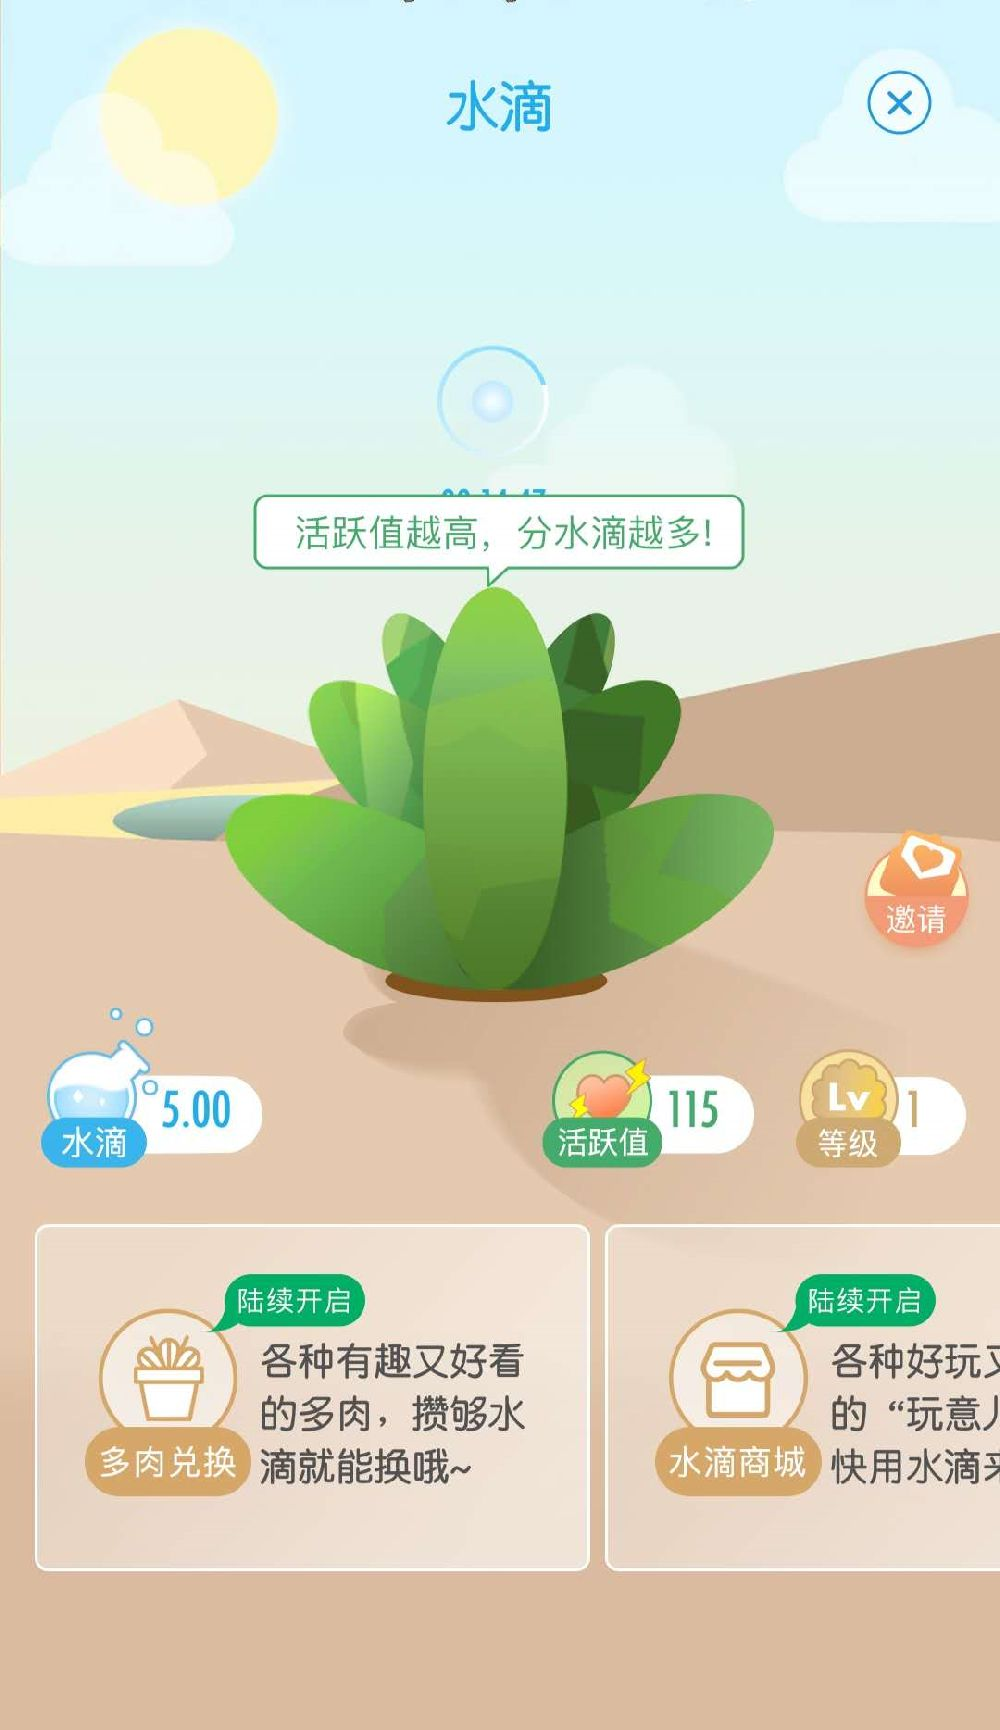 绿洲APP有哪些玩法 附详细玩法介绍